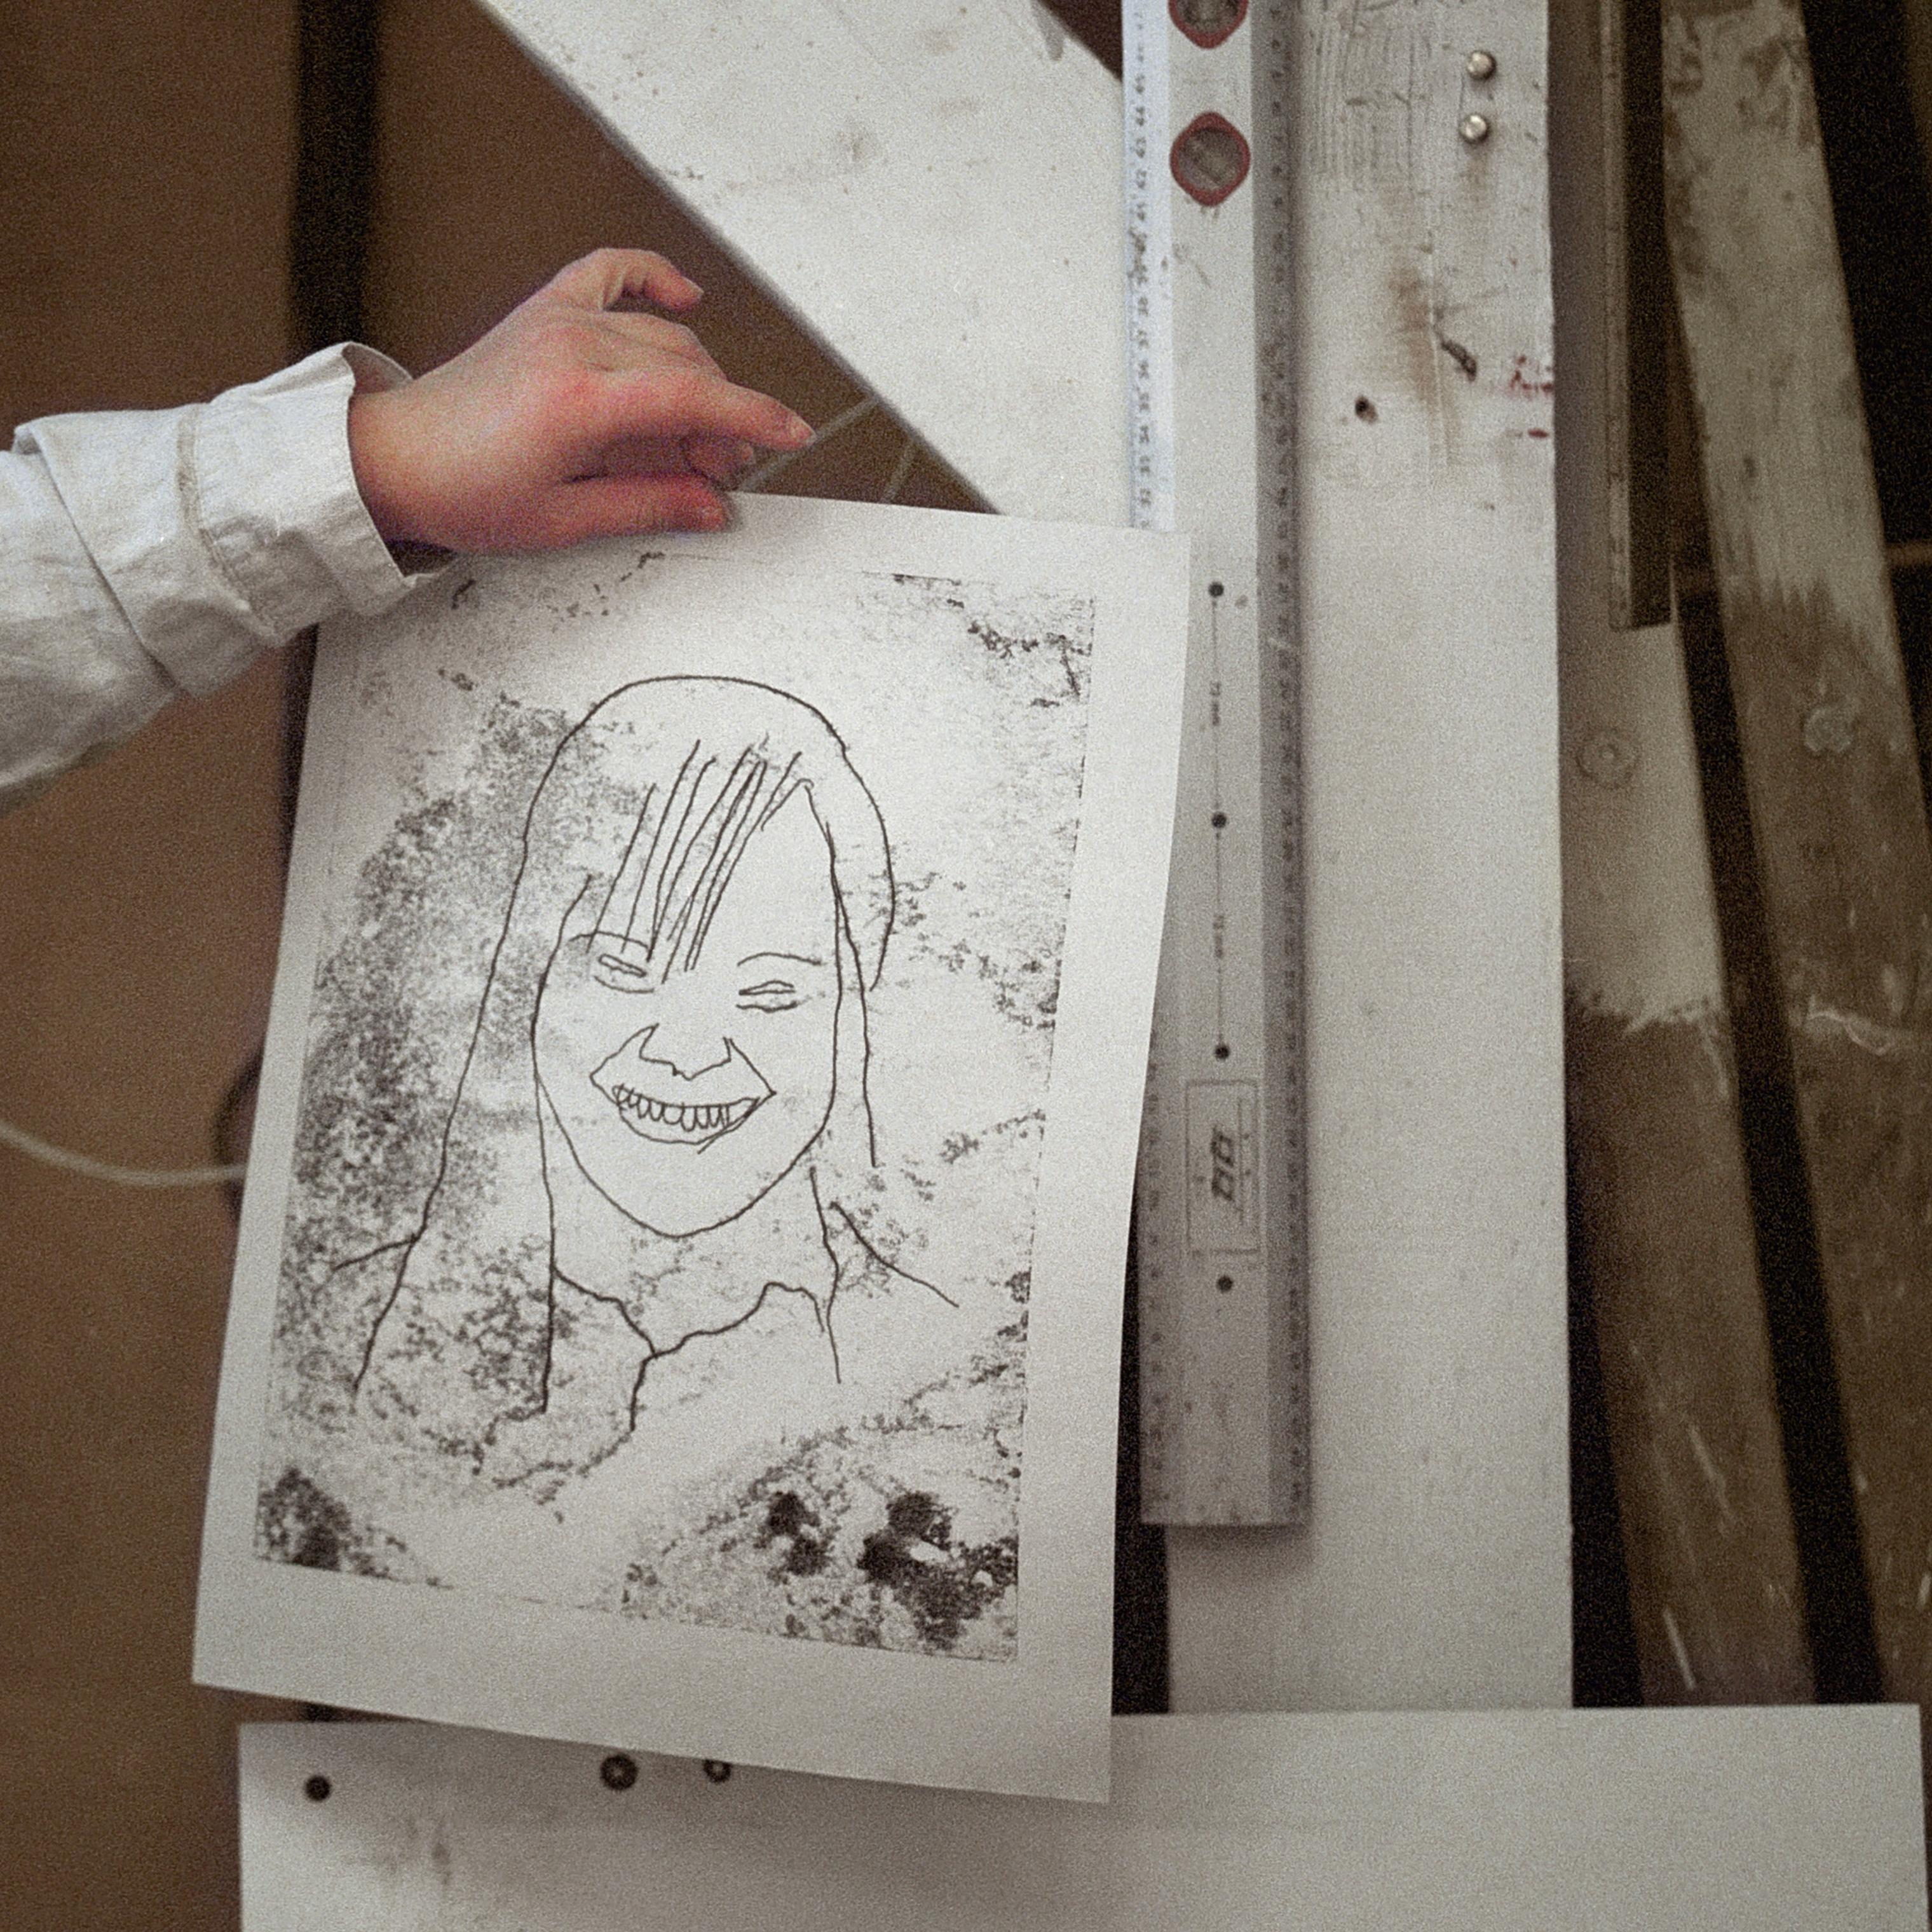 Sofie's self portrait, Ellenstedt, Germany, Spring 2018